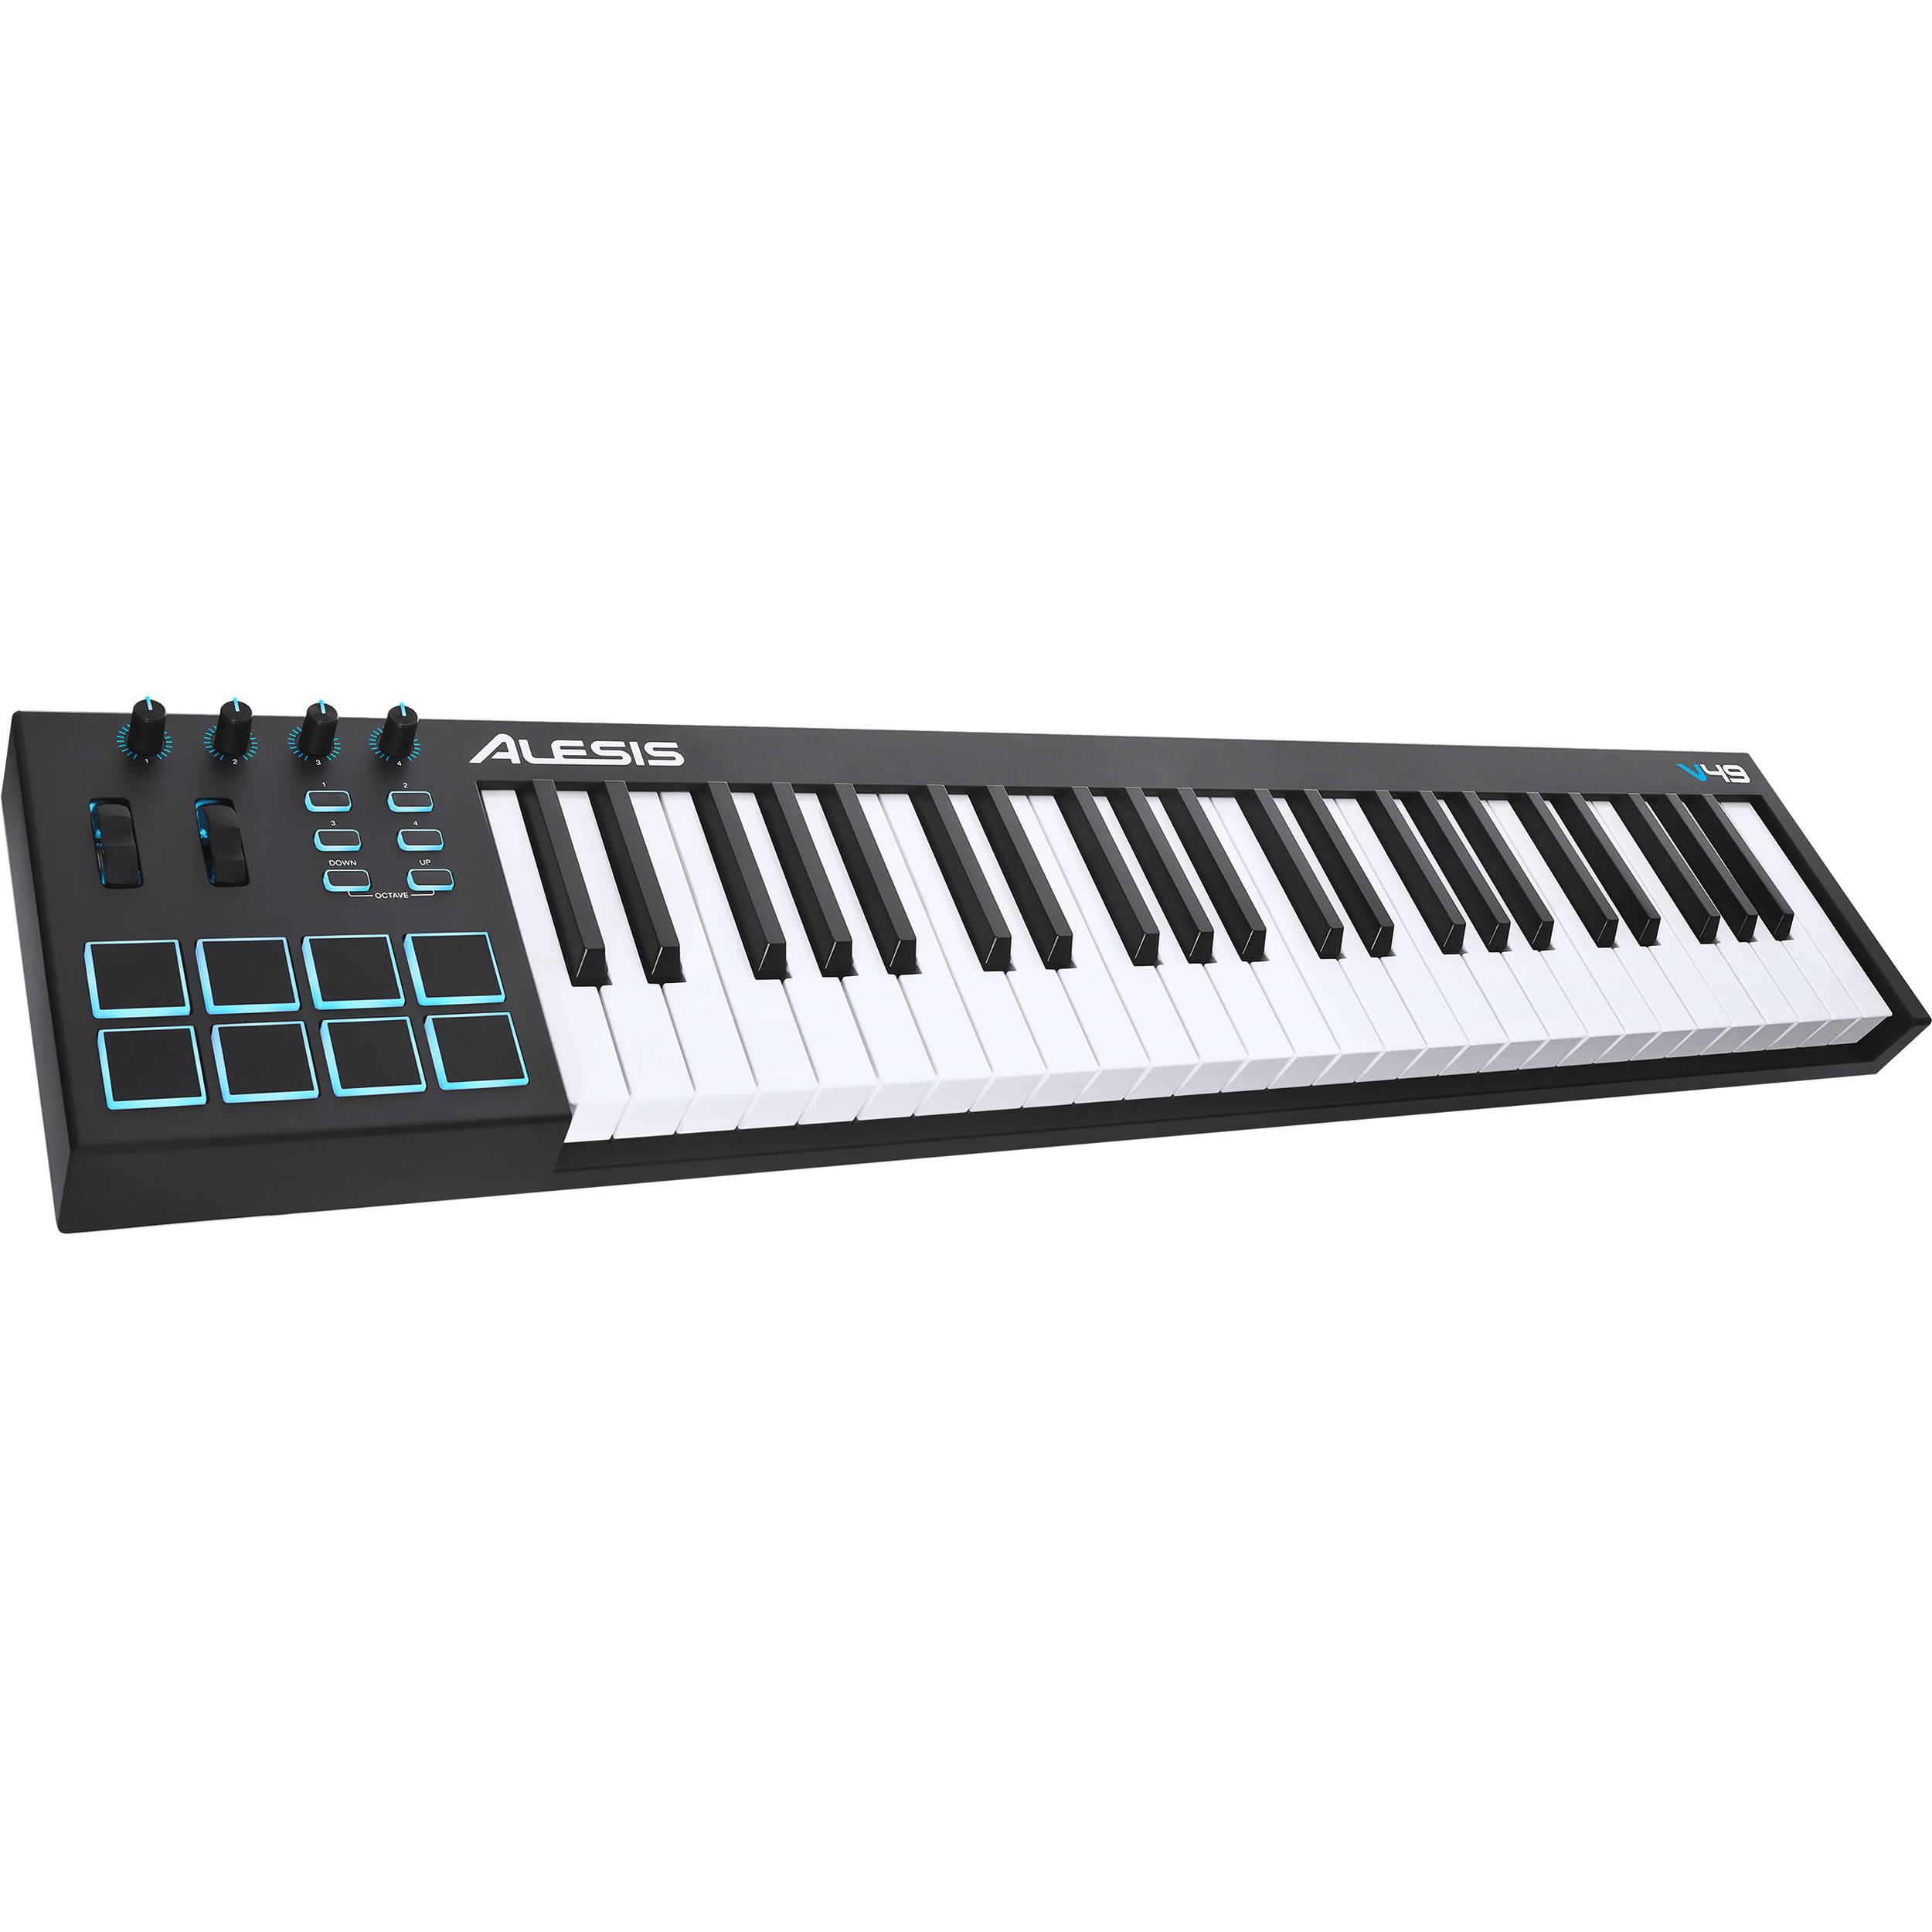 alesis v49 49 key usb midi keyboard controller v49 b h photo. Black Bedroom Furniture Sets. Home Design Ideas